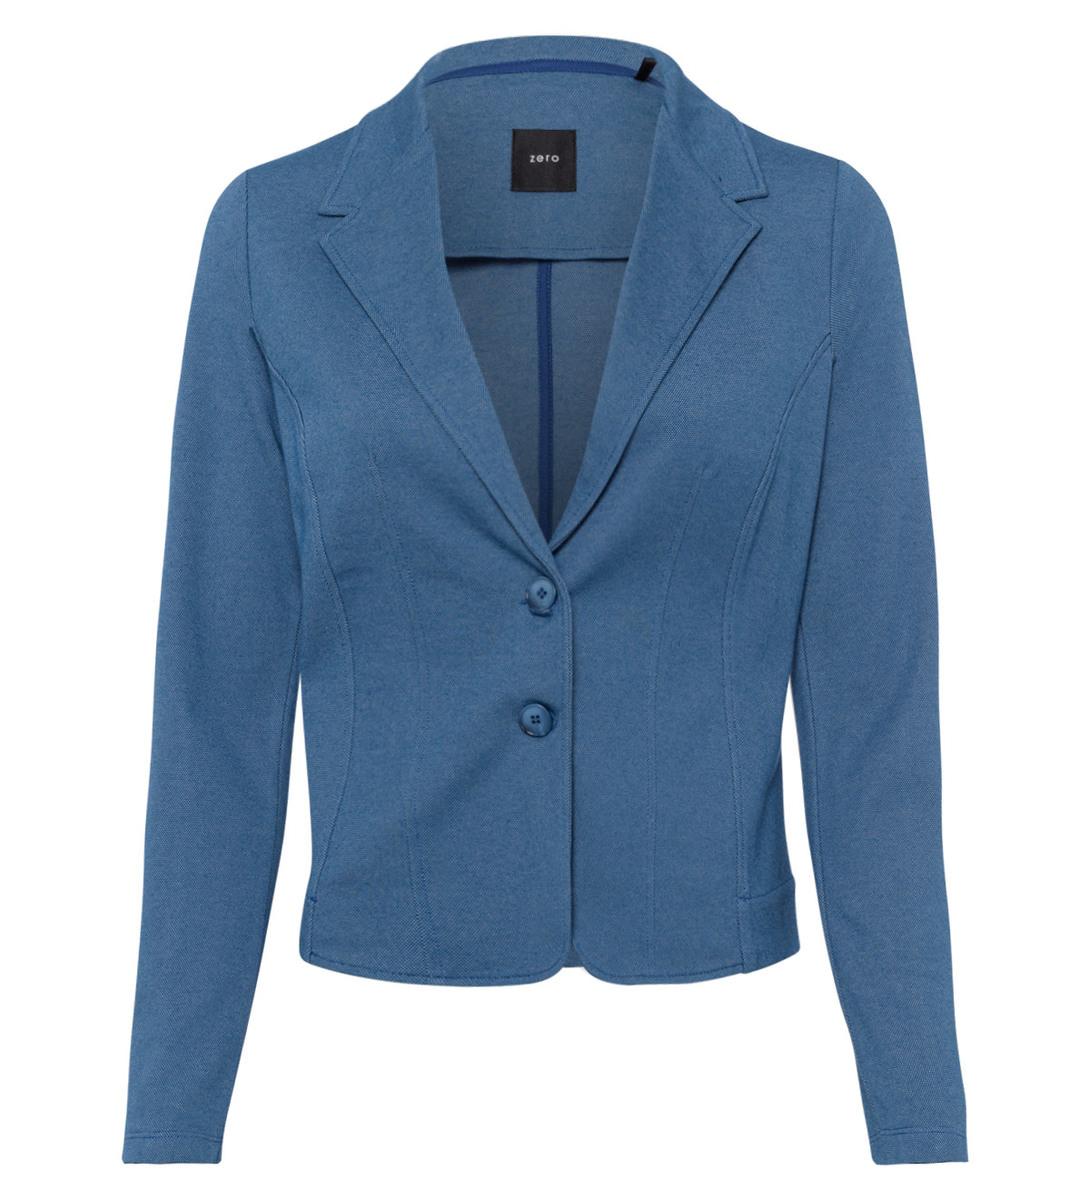 Blazer im sportlichen Design in blue